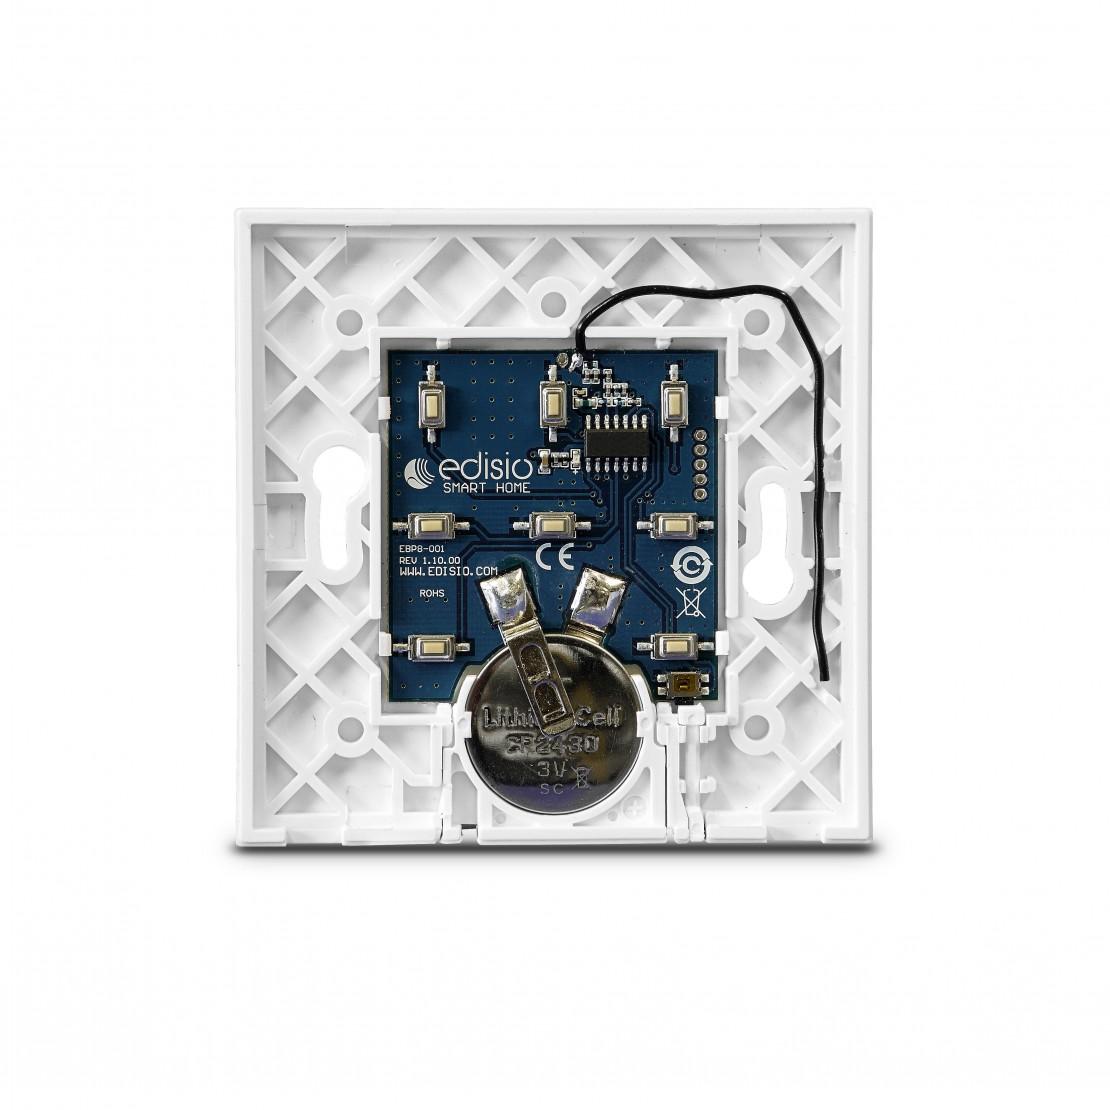 Basisplaat voor Edisio-schakelaar (1 tot 5 kanalen), wit